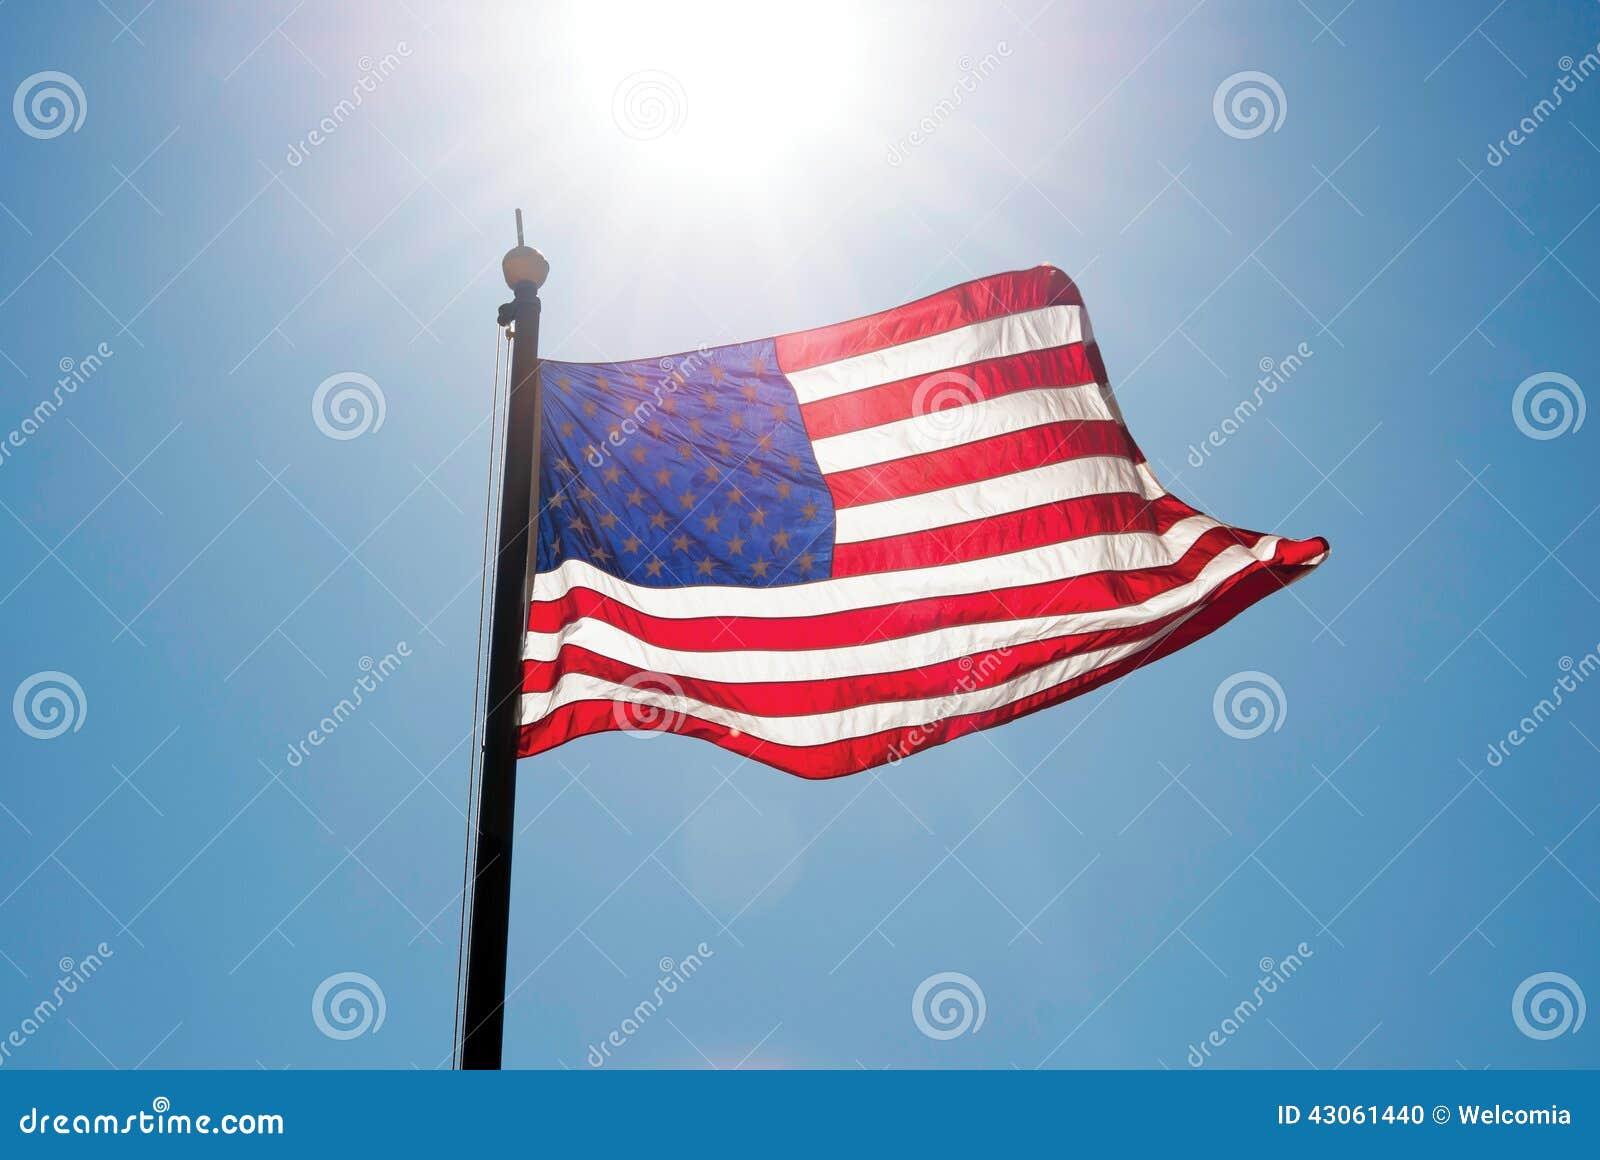 Förenta staternaflagga på himmel